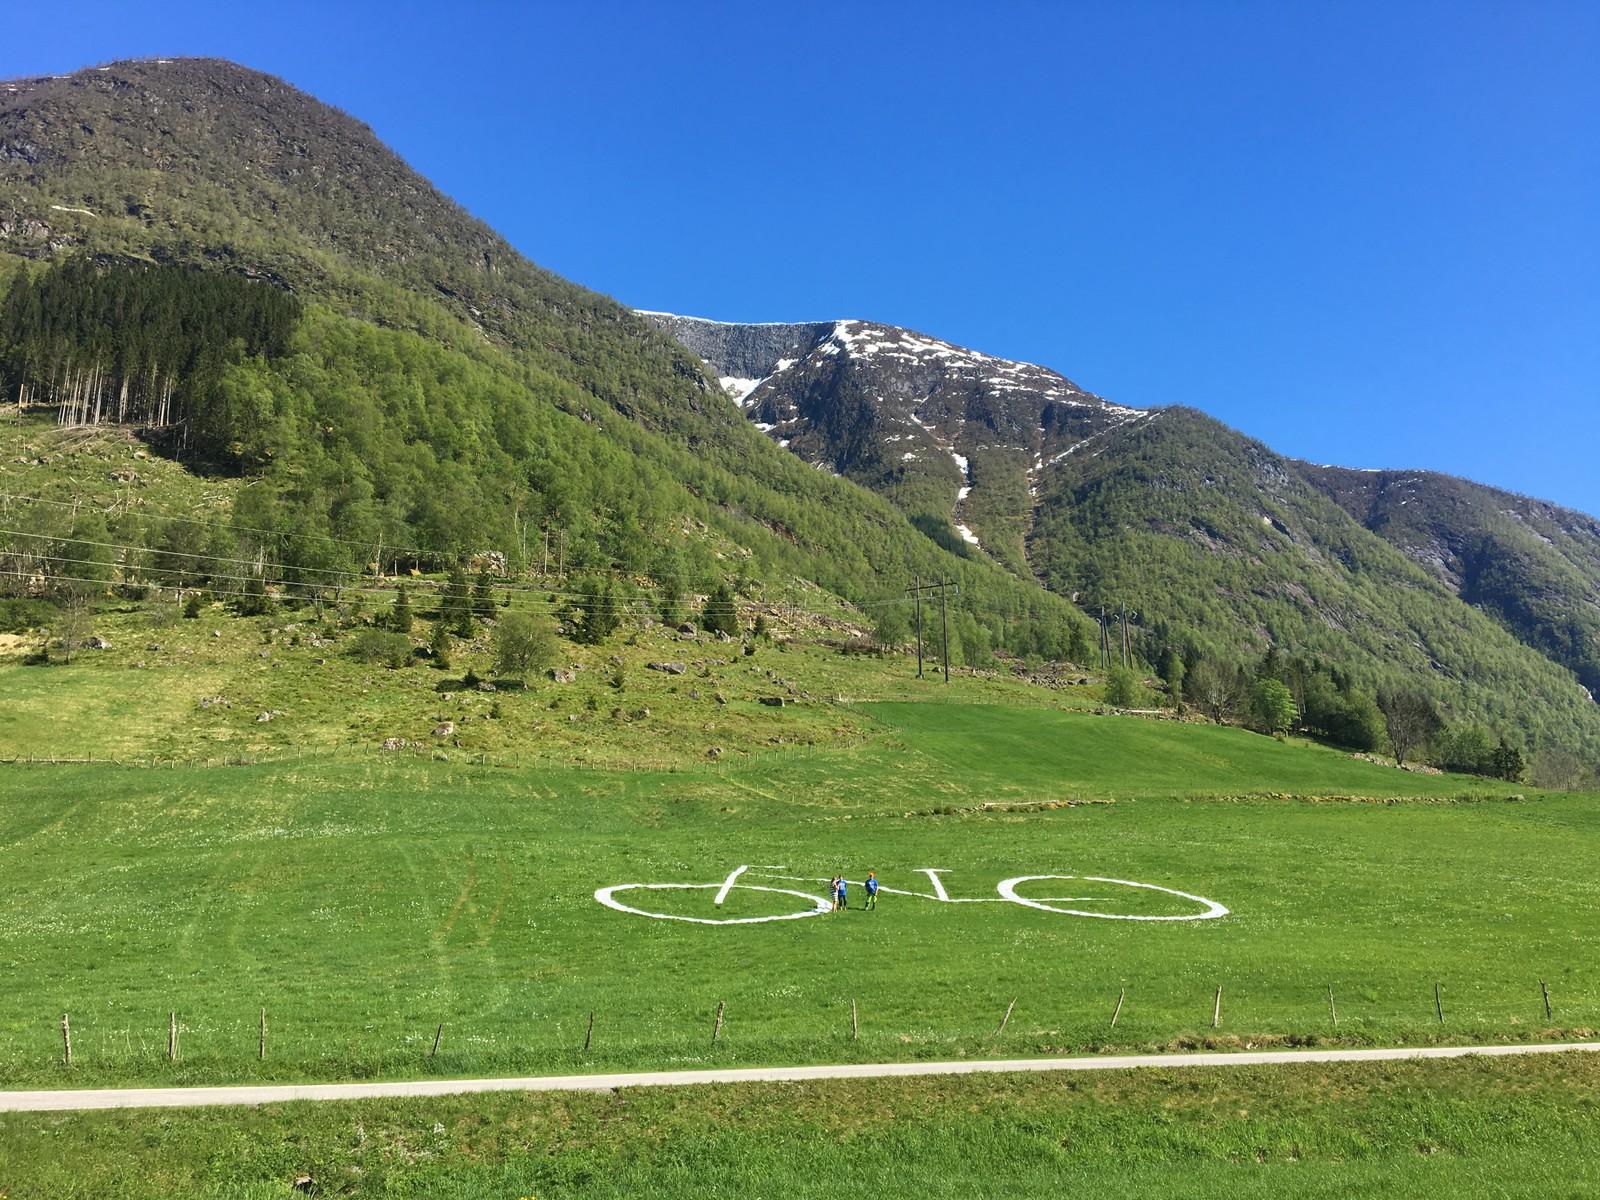 Hjul med ti meter i diameter langs vegen, det møter syklistane i Ulvestadbakkane i Vetlefjorden.